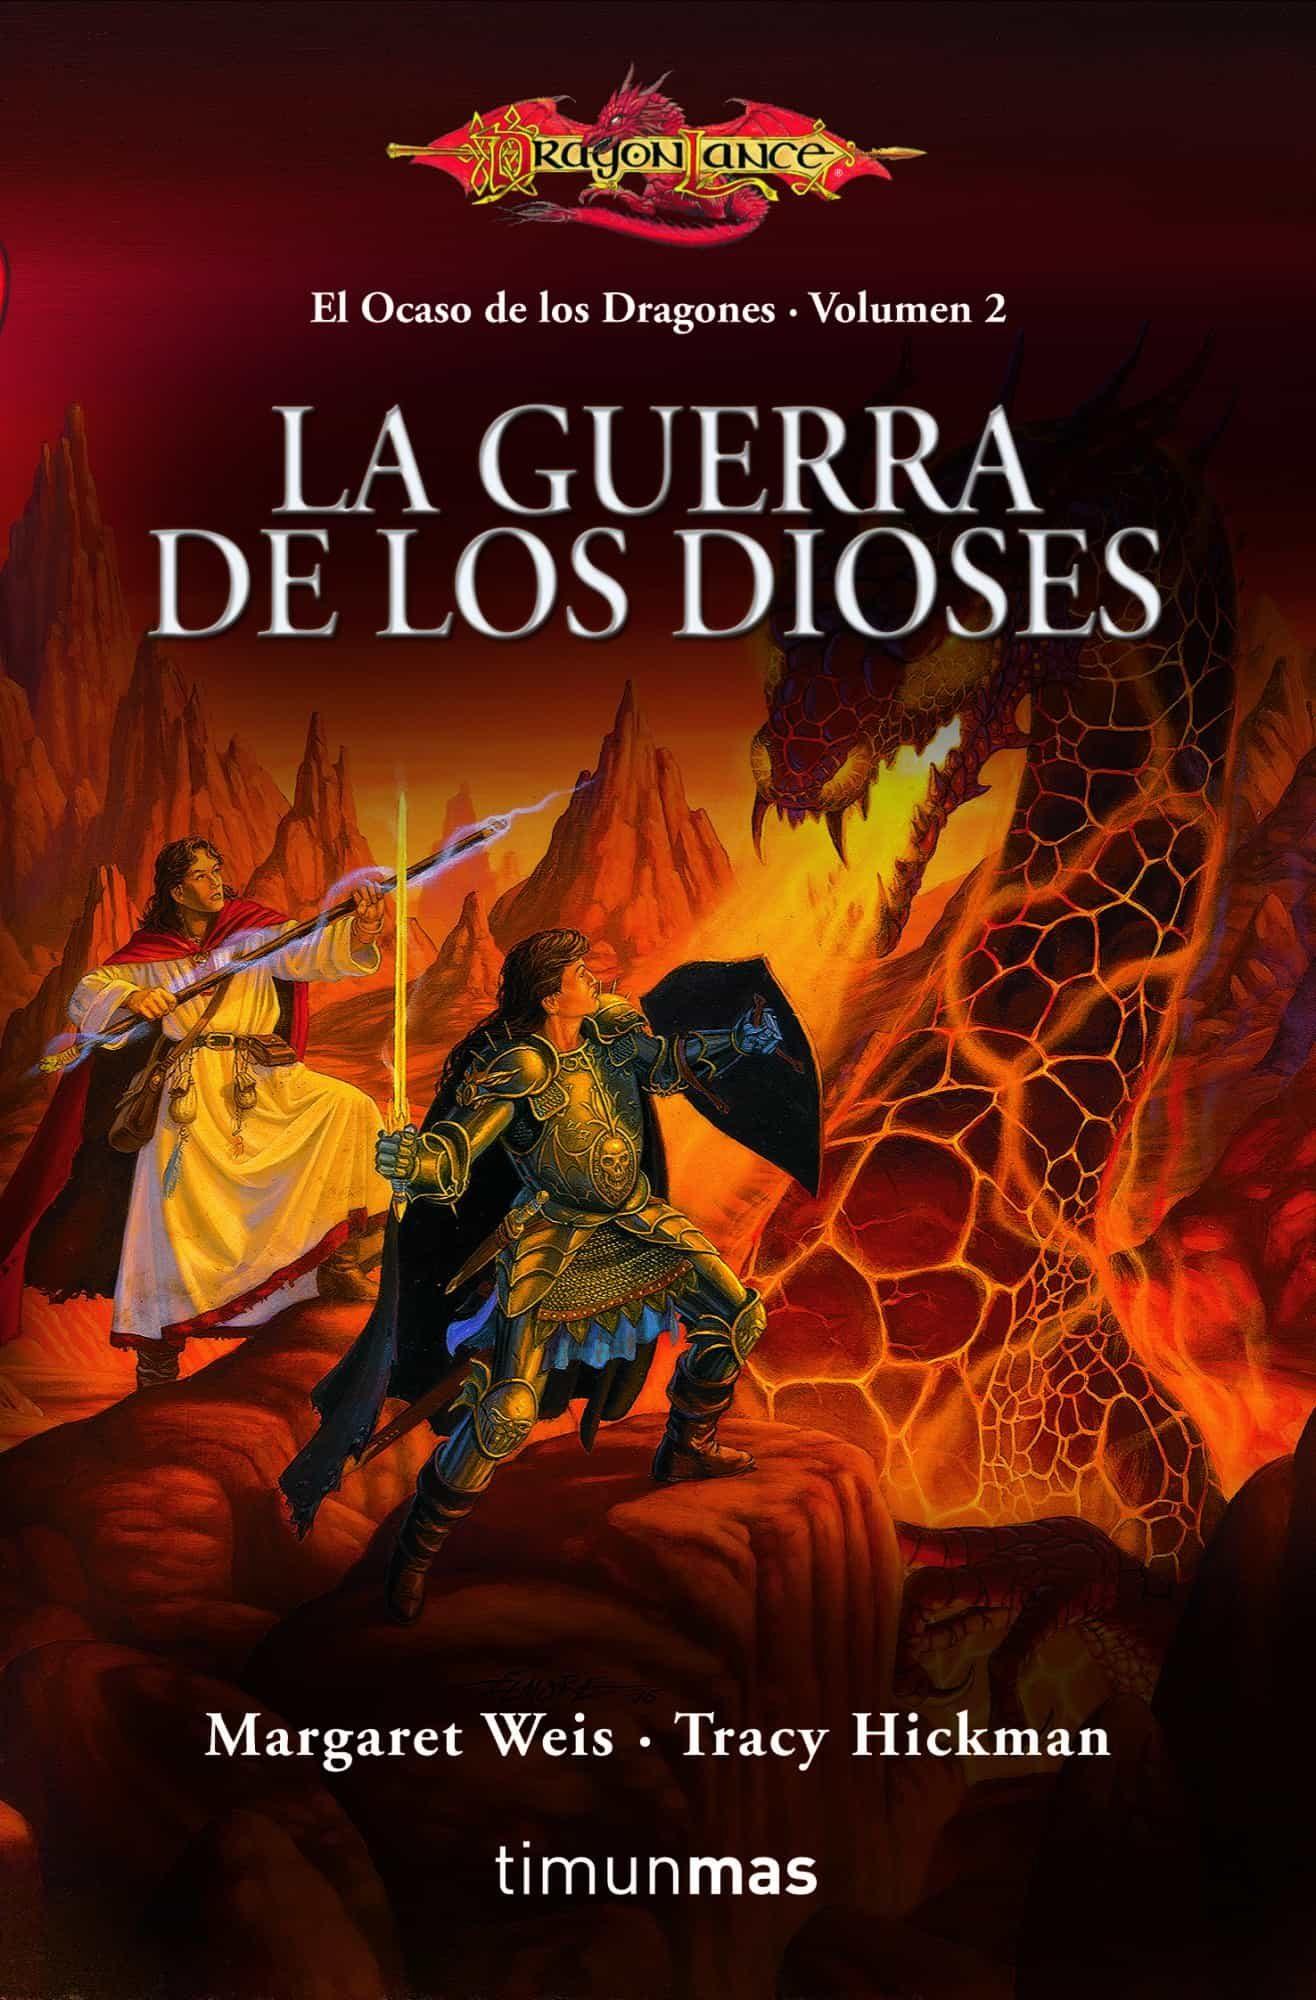 La guerra de los dioses dragonlance el ocaso de los dragones margaret